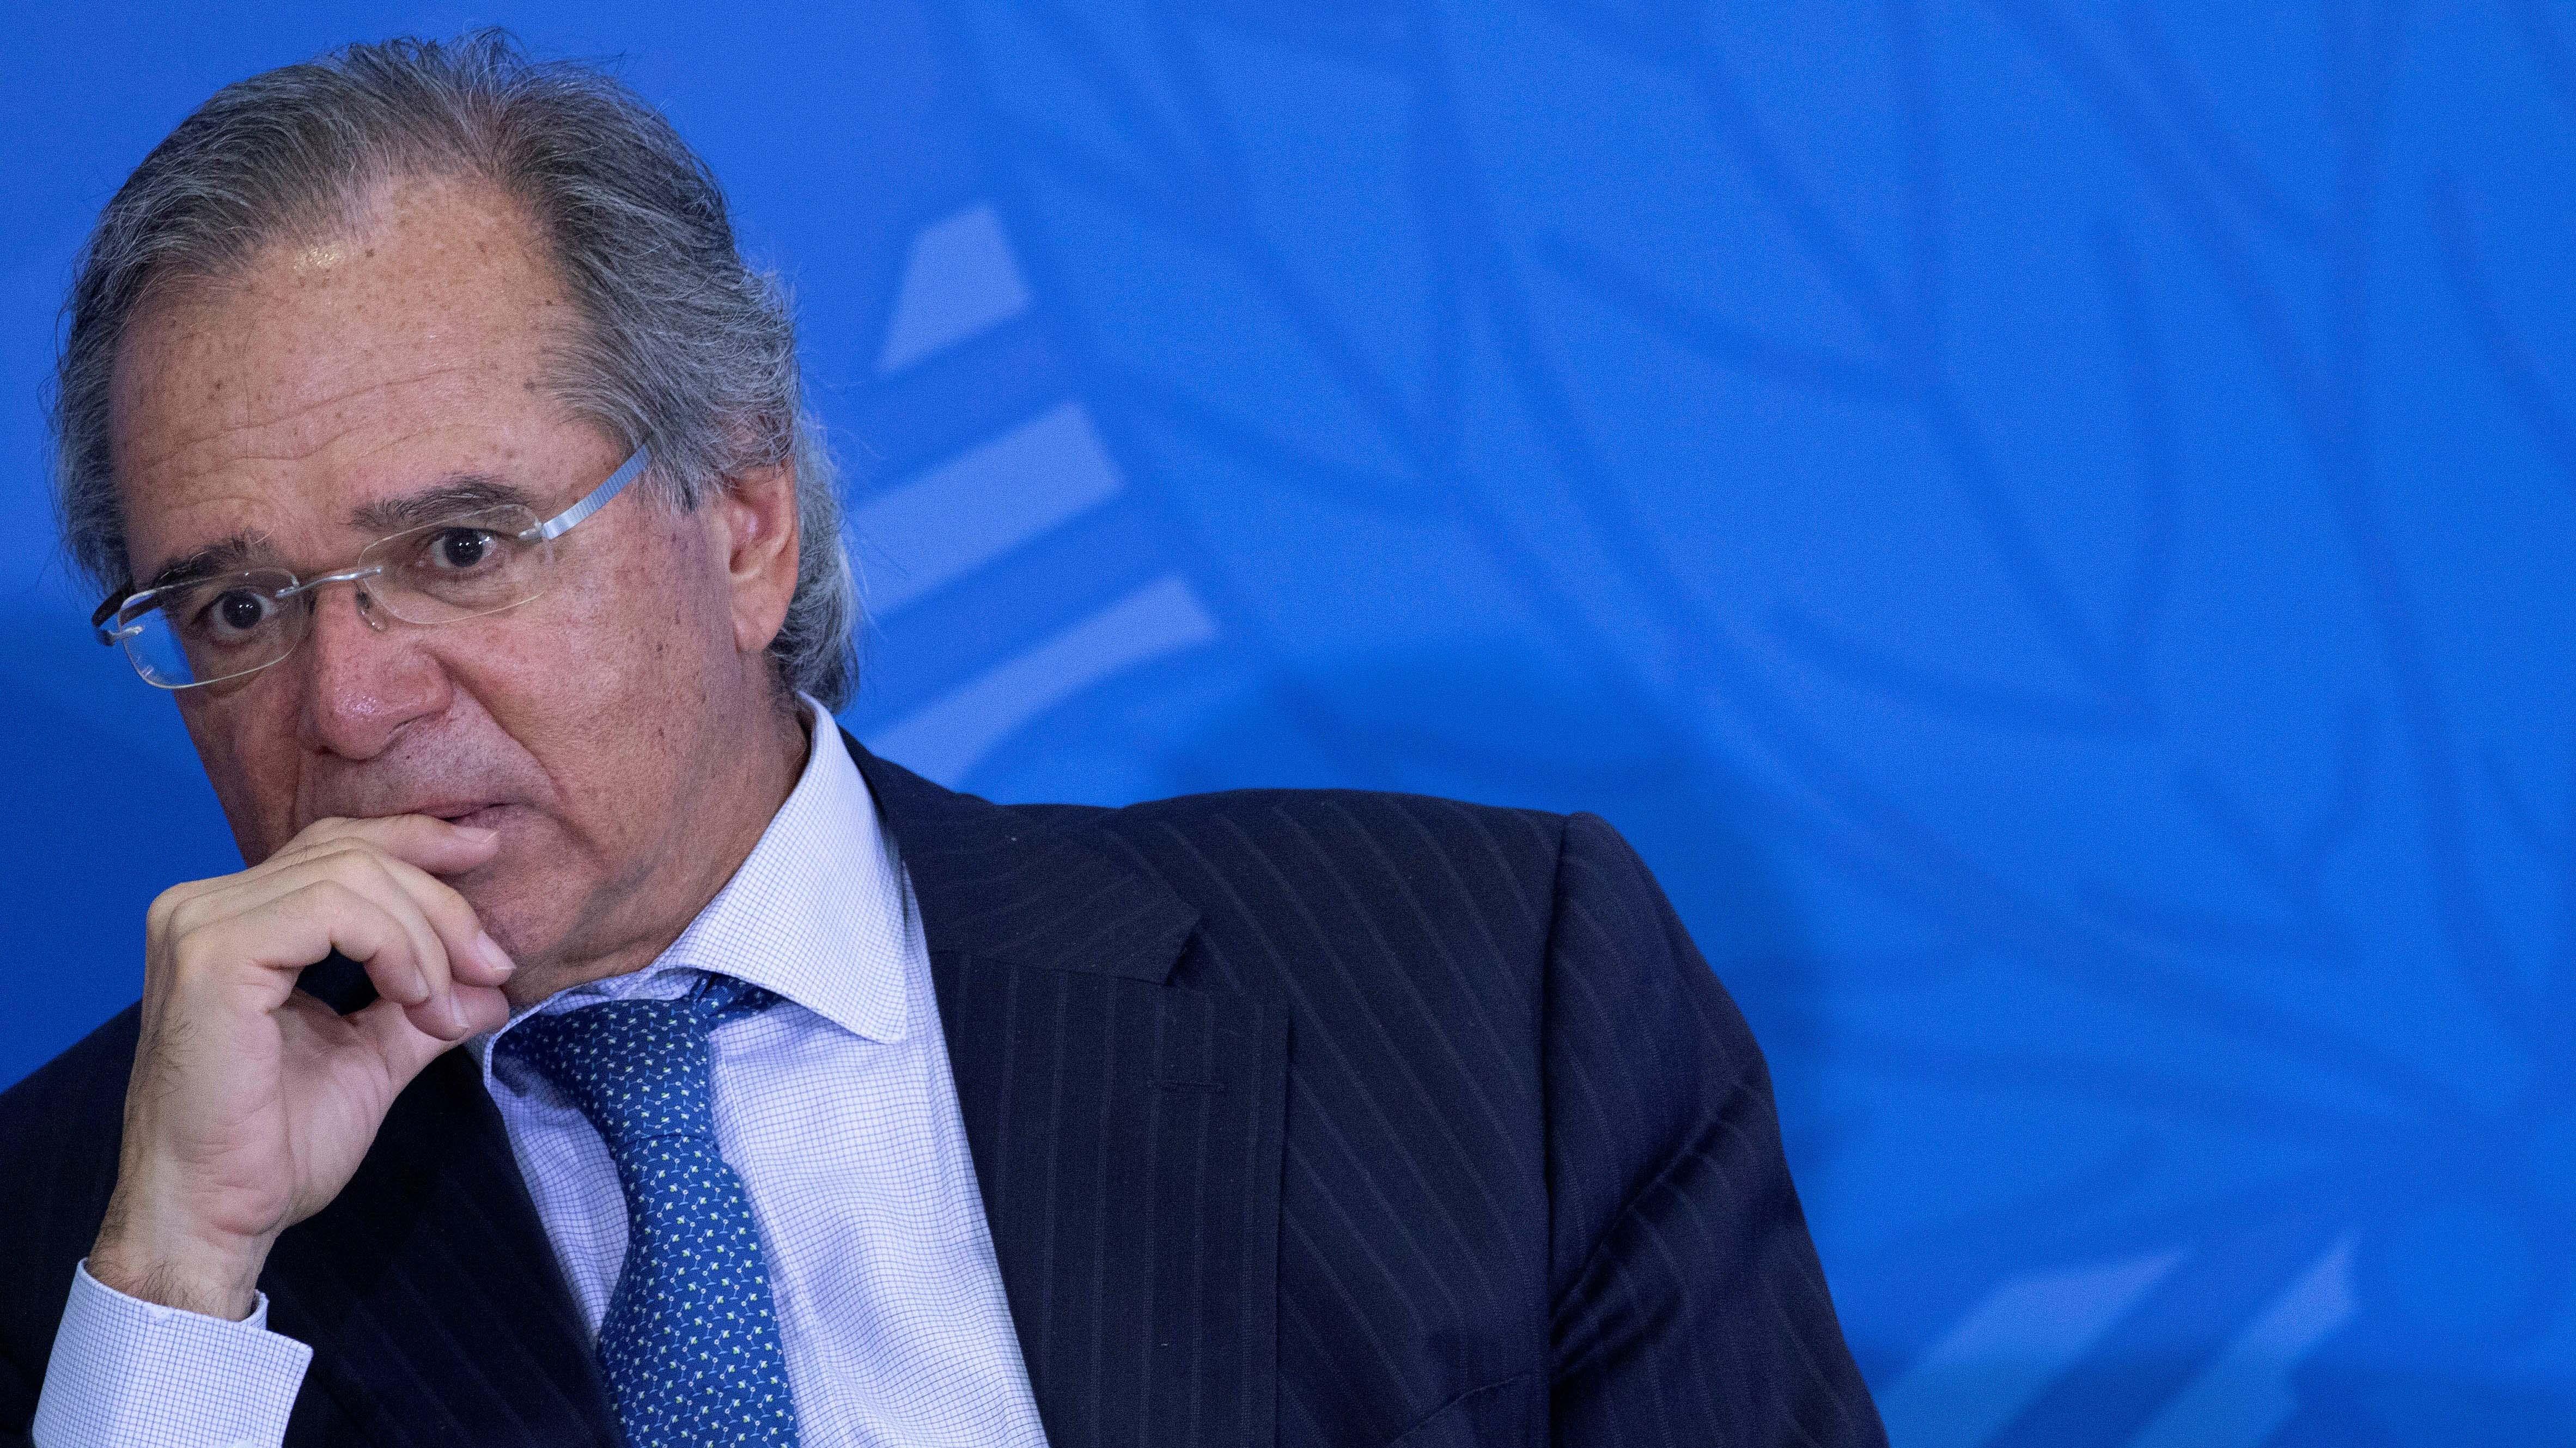 Los complejos días del ministro de Economía de Bolsonaro: Déficit al alza y nulo avance de la reforma de pensiones